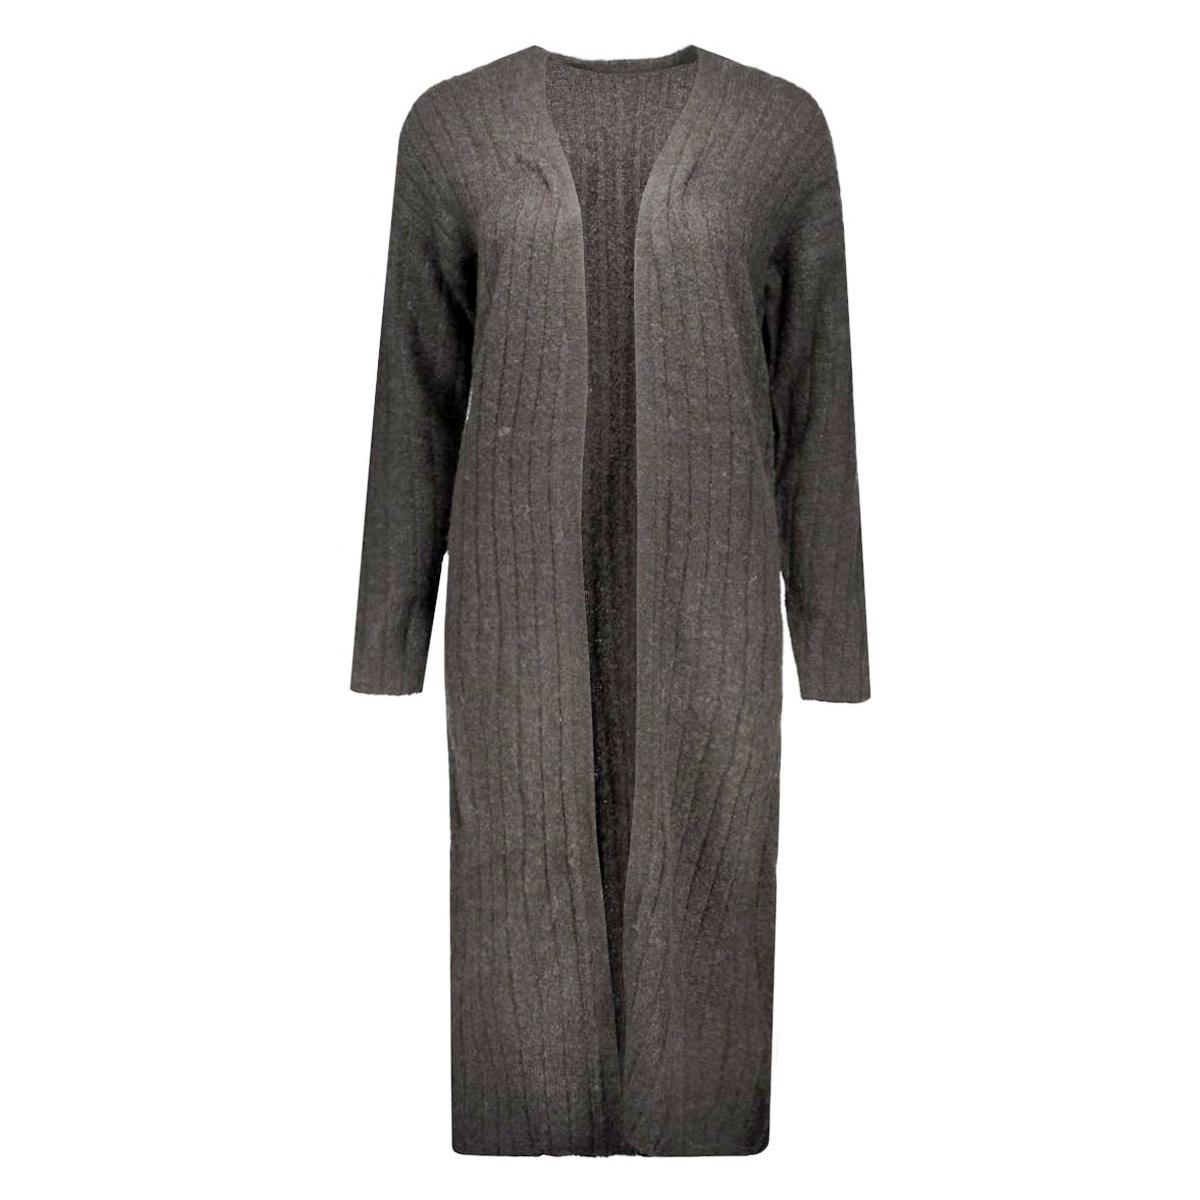 jdyraven l/s cardigan knt 15117353 jacqueline de yong vest dark grey melange